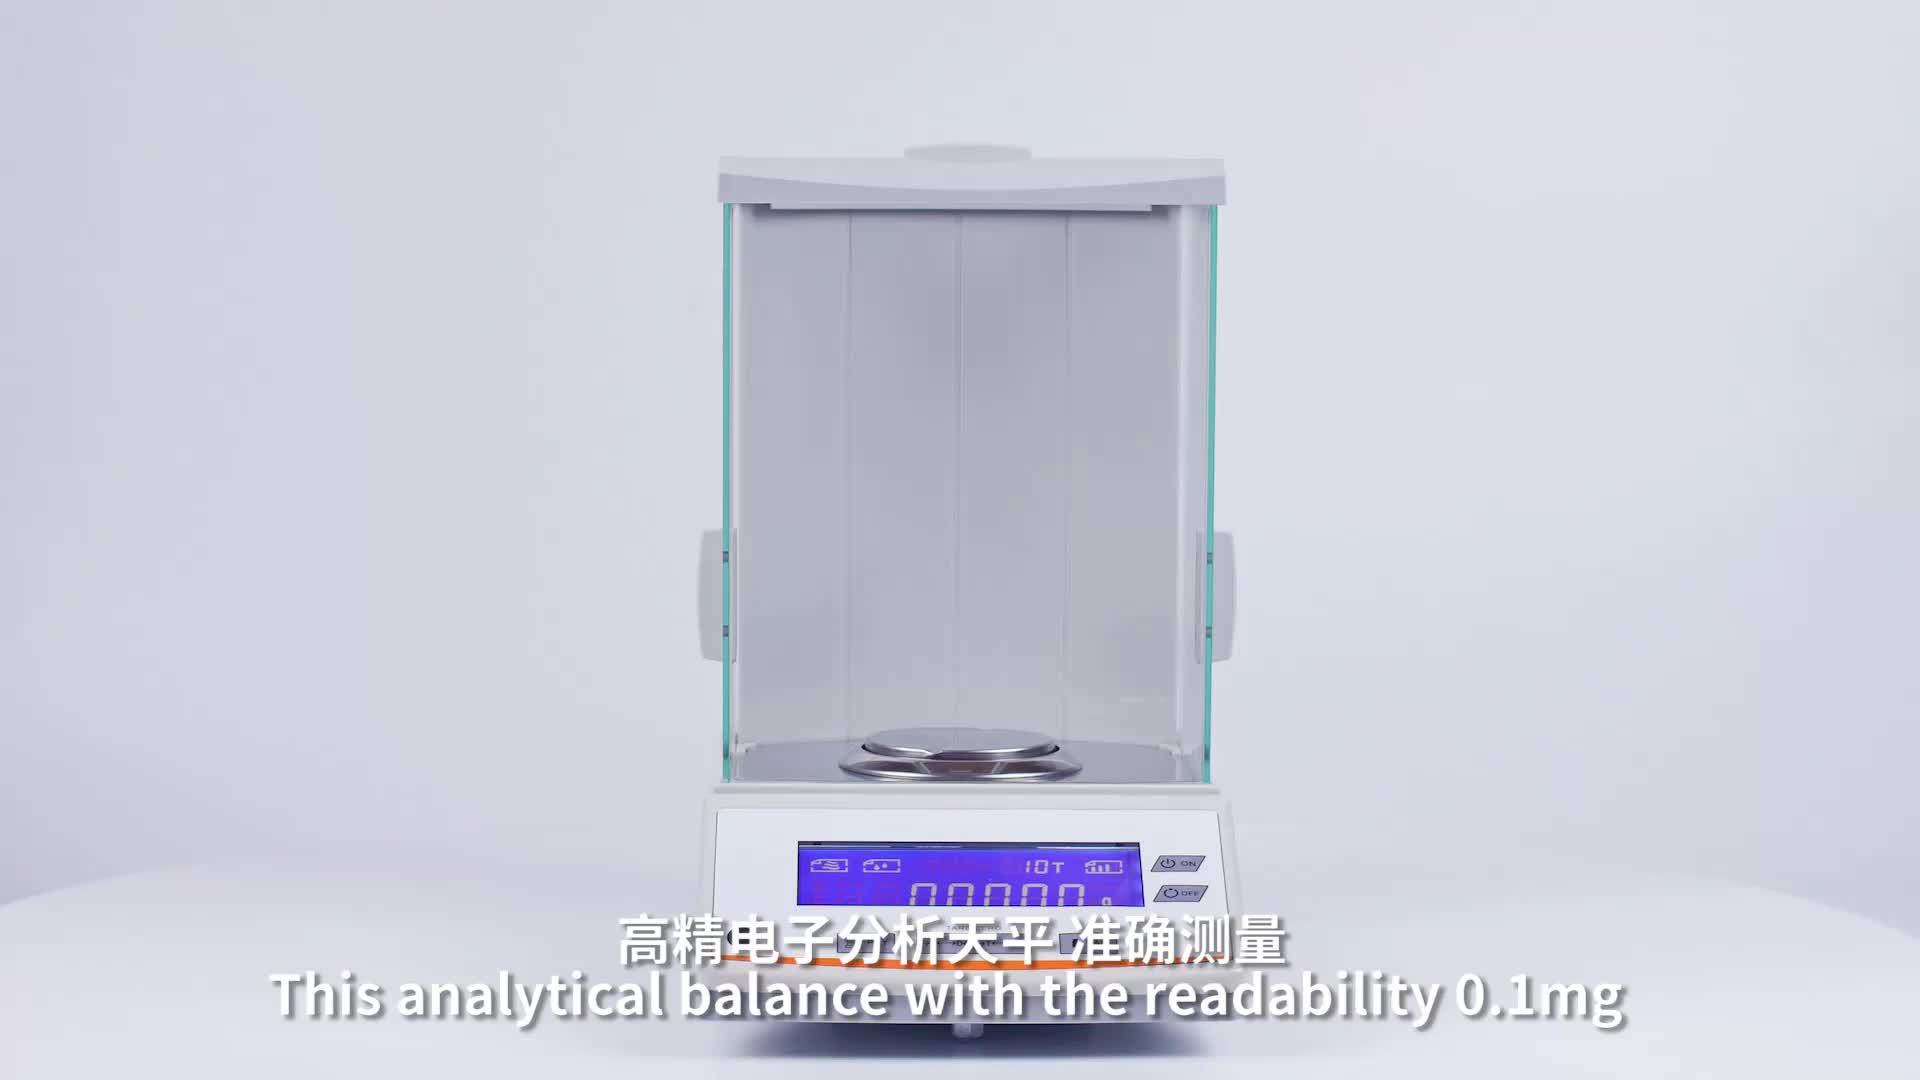 ميزان تحليلي رقمي للمختبرات الطبية 100 جم و 0.0001 جم و 0.1 جم